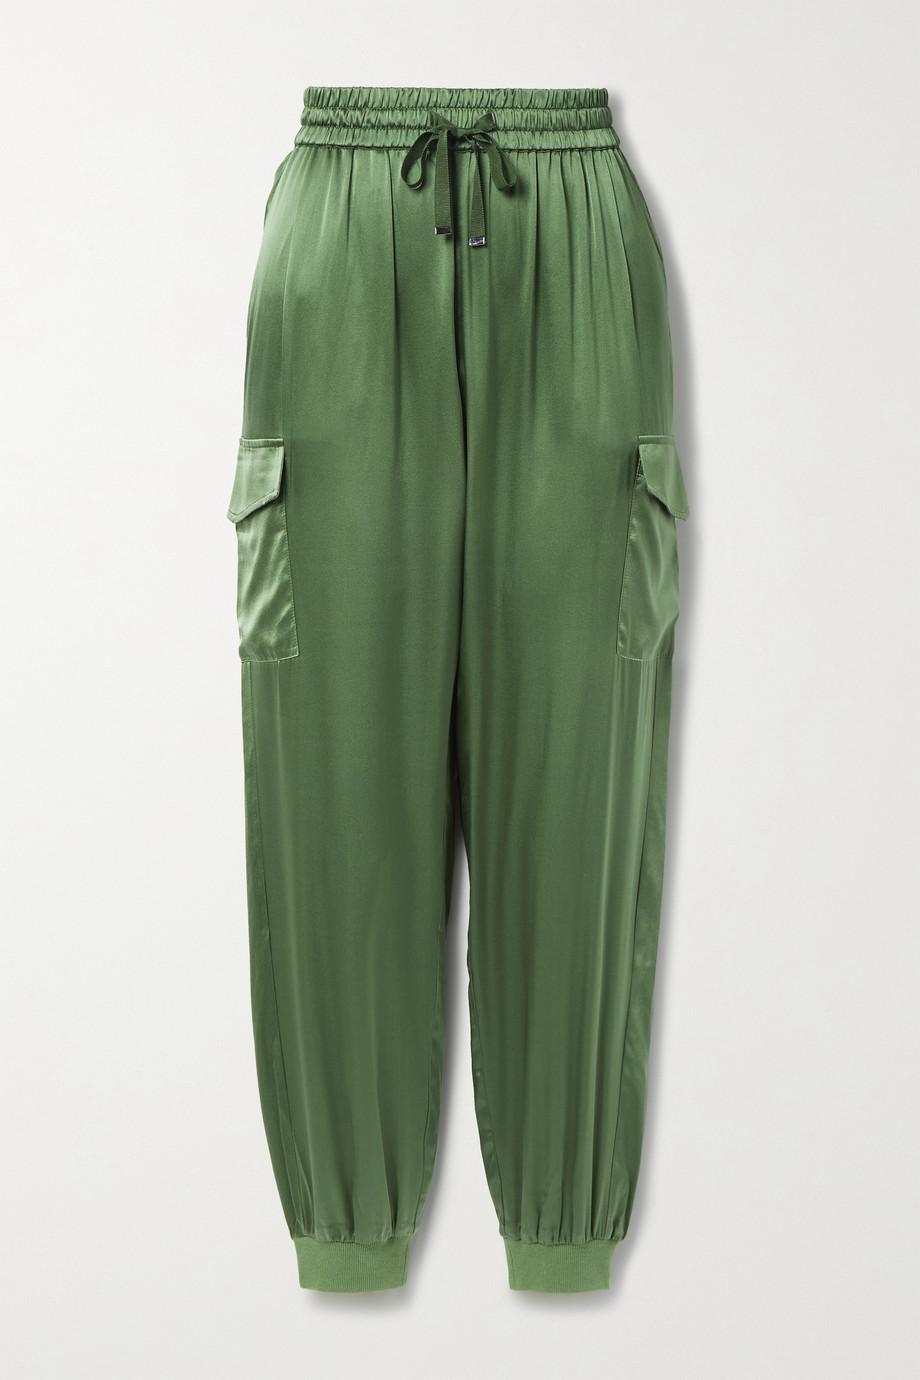 Cami NYC Pantalon de survêtement en charmeuse de soie mélangée The Elsie